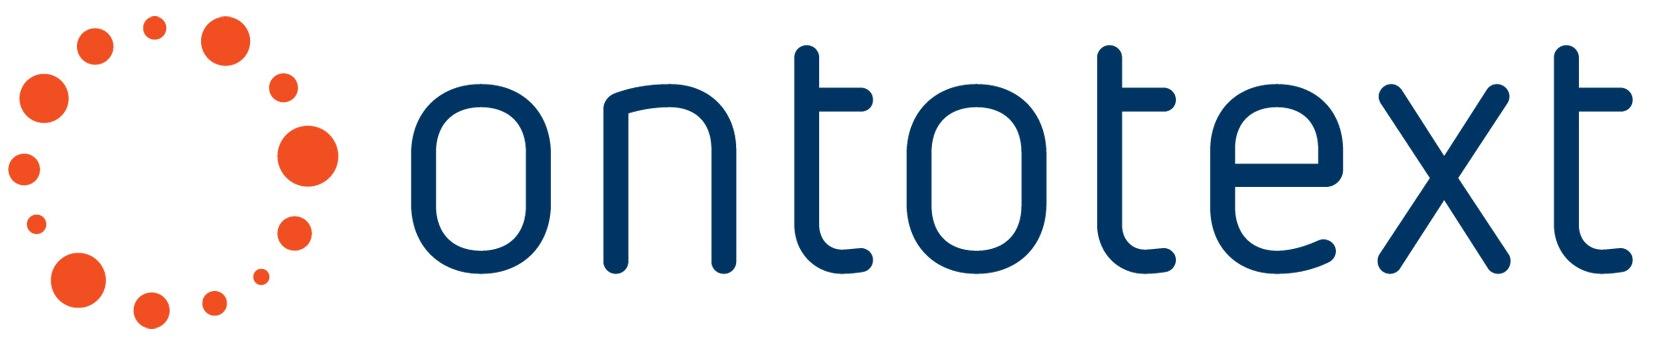 https://www.ontotext.com/